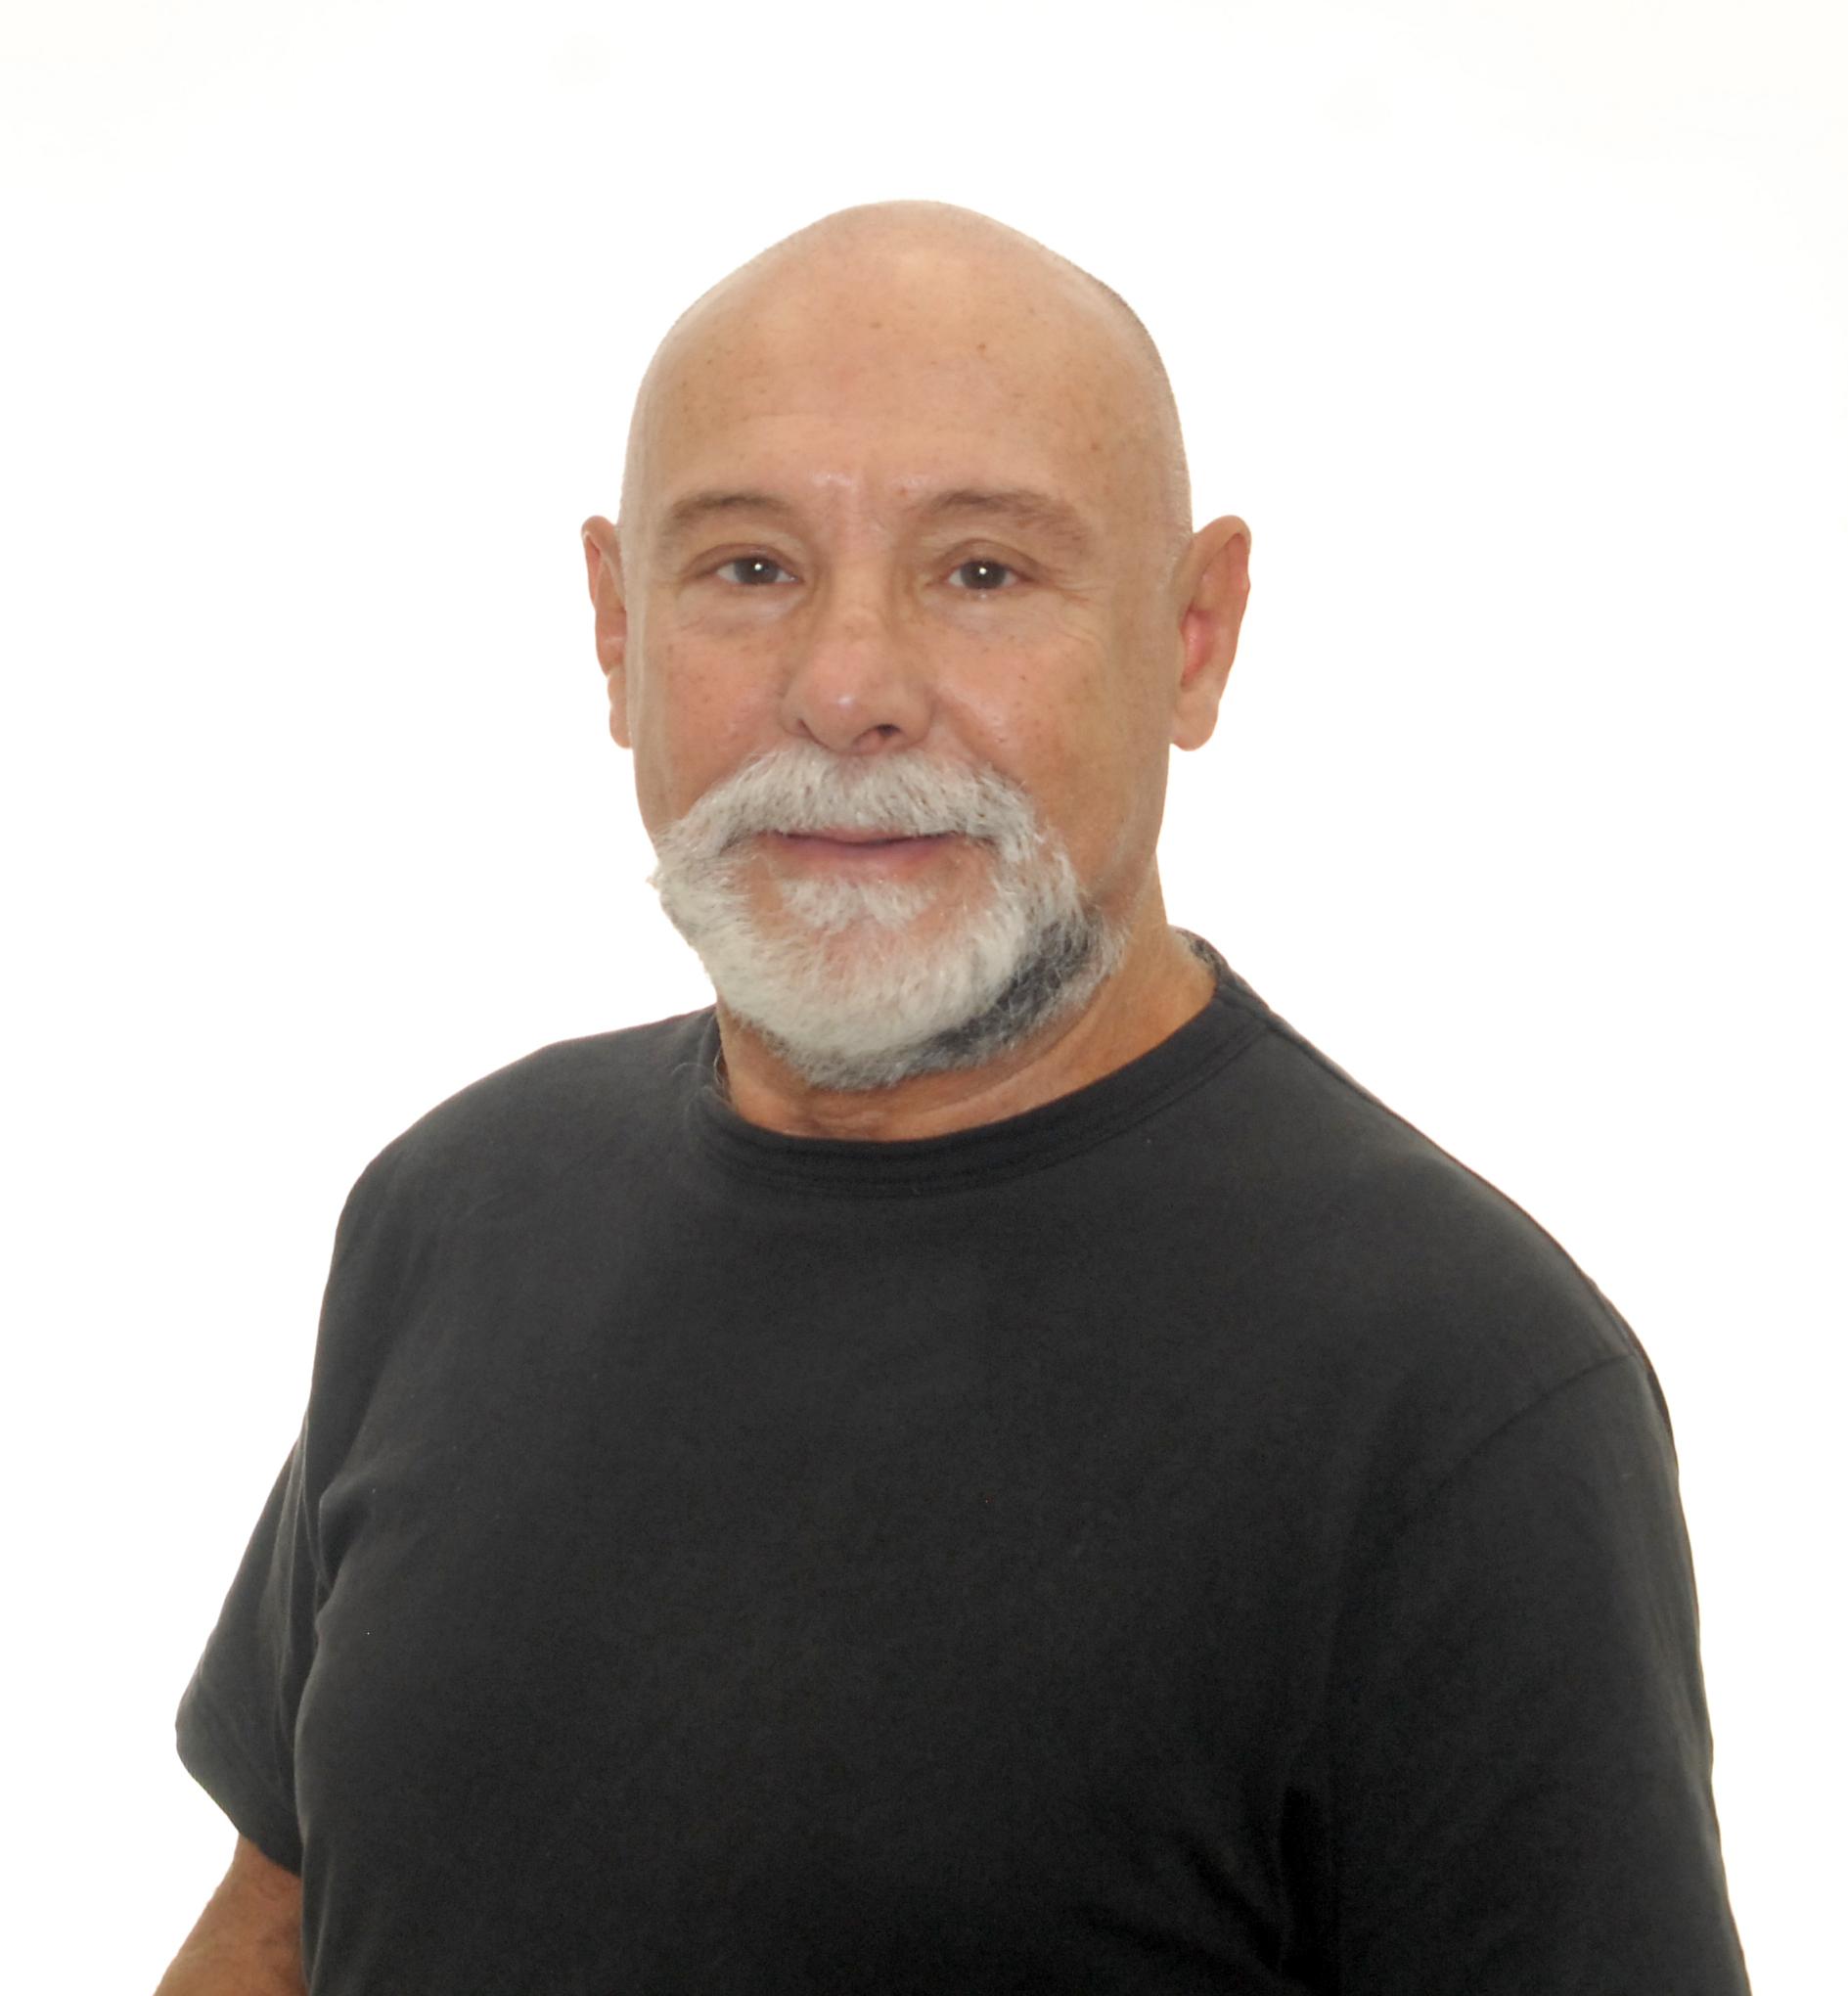 Dárcio Valente Rodrigues